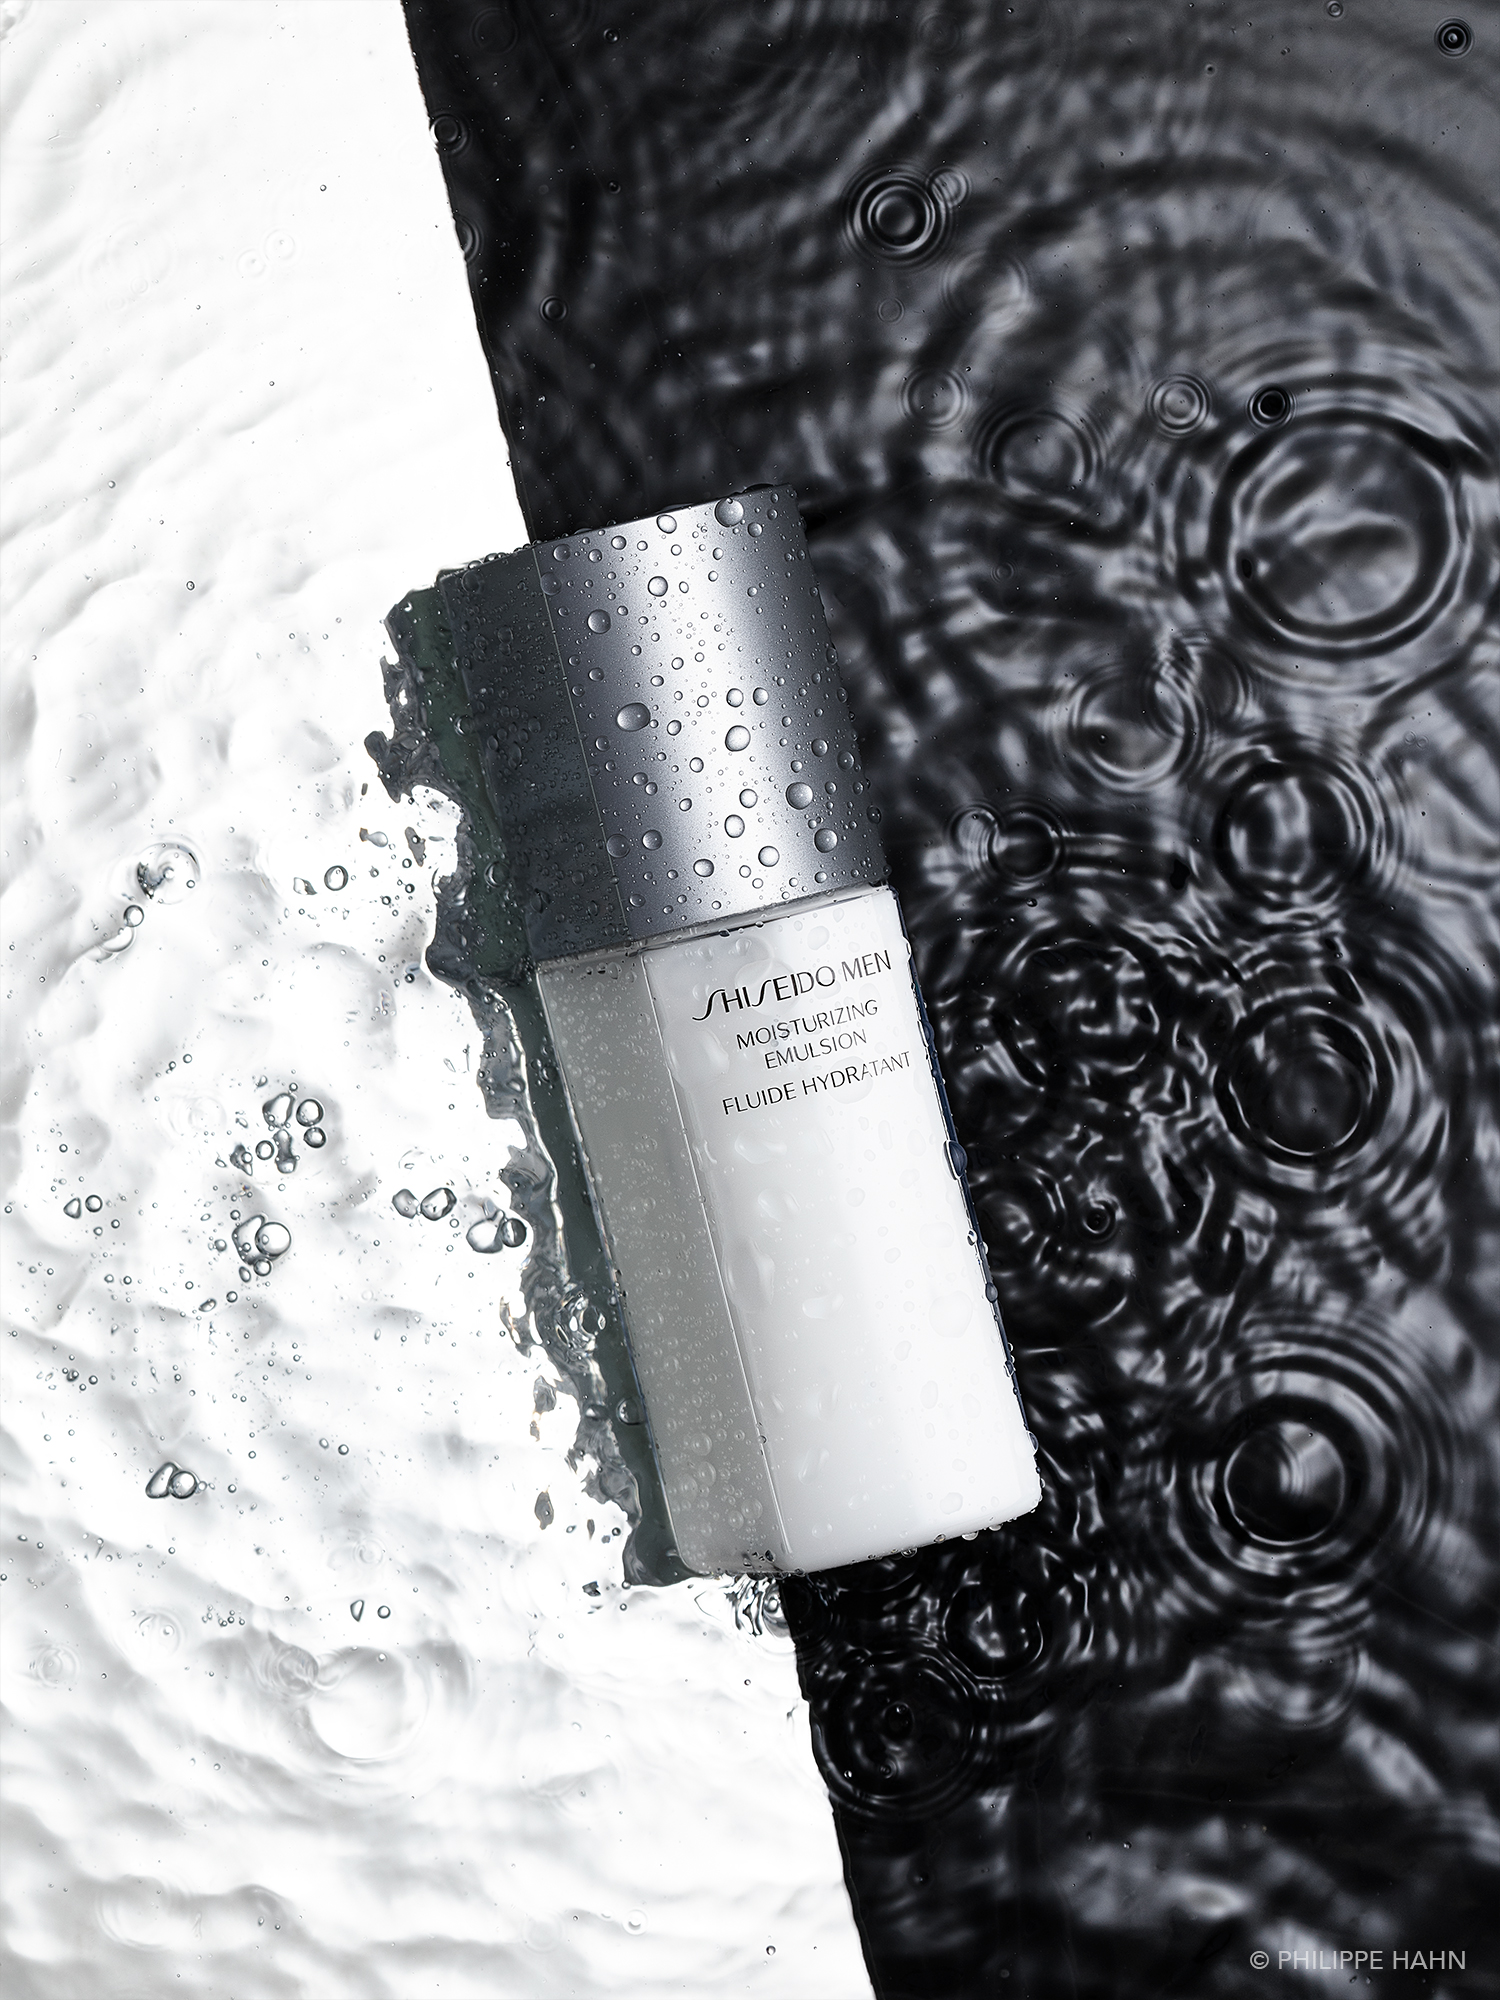 shiseido-1-Philippe-Hahn.jpg